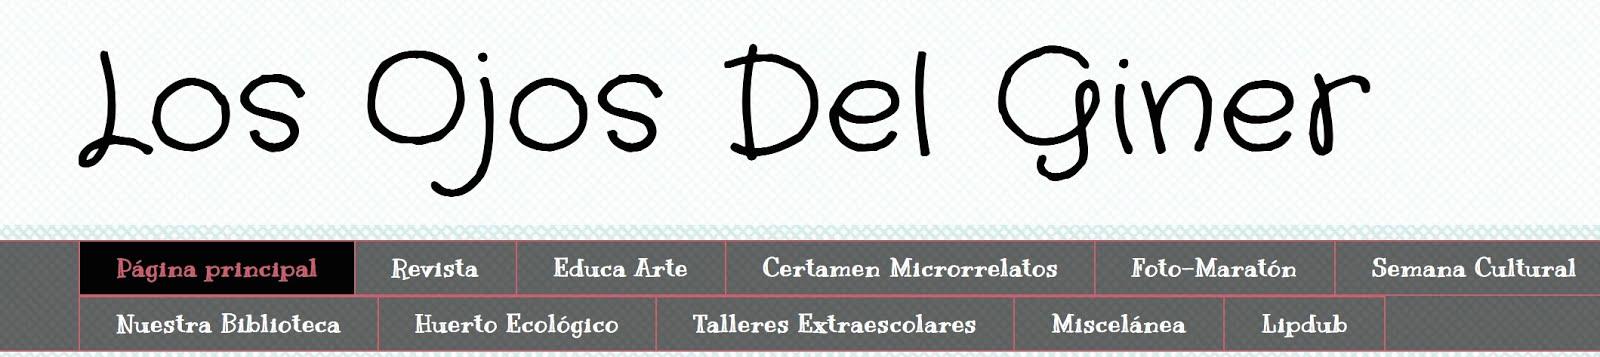 LOS OJOS DEL GINER